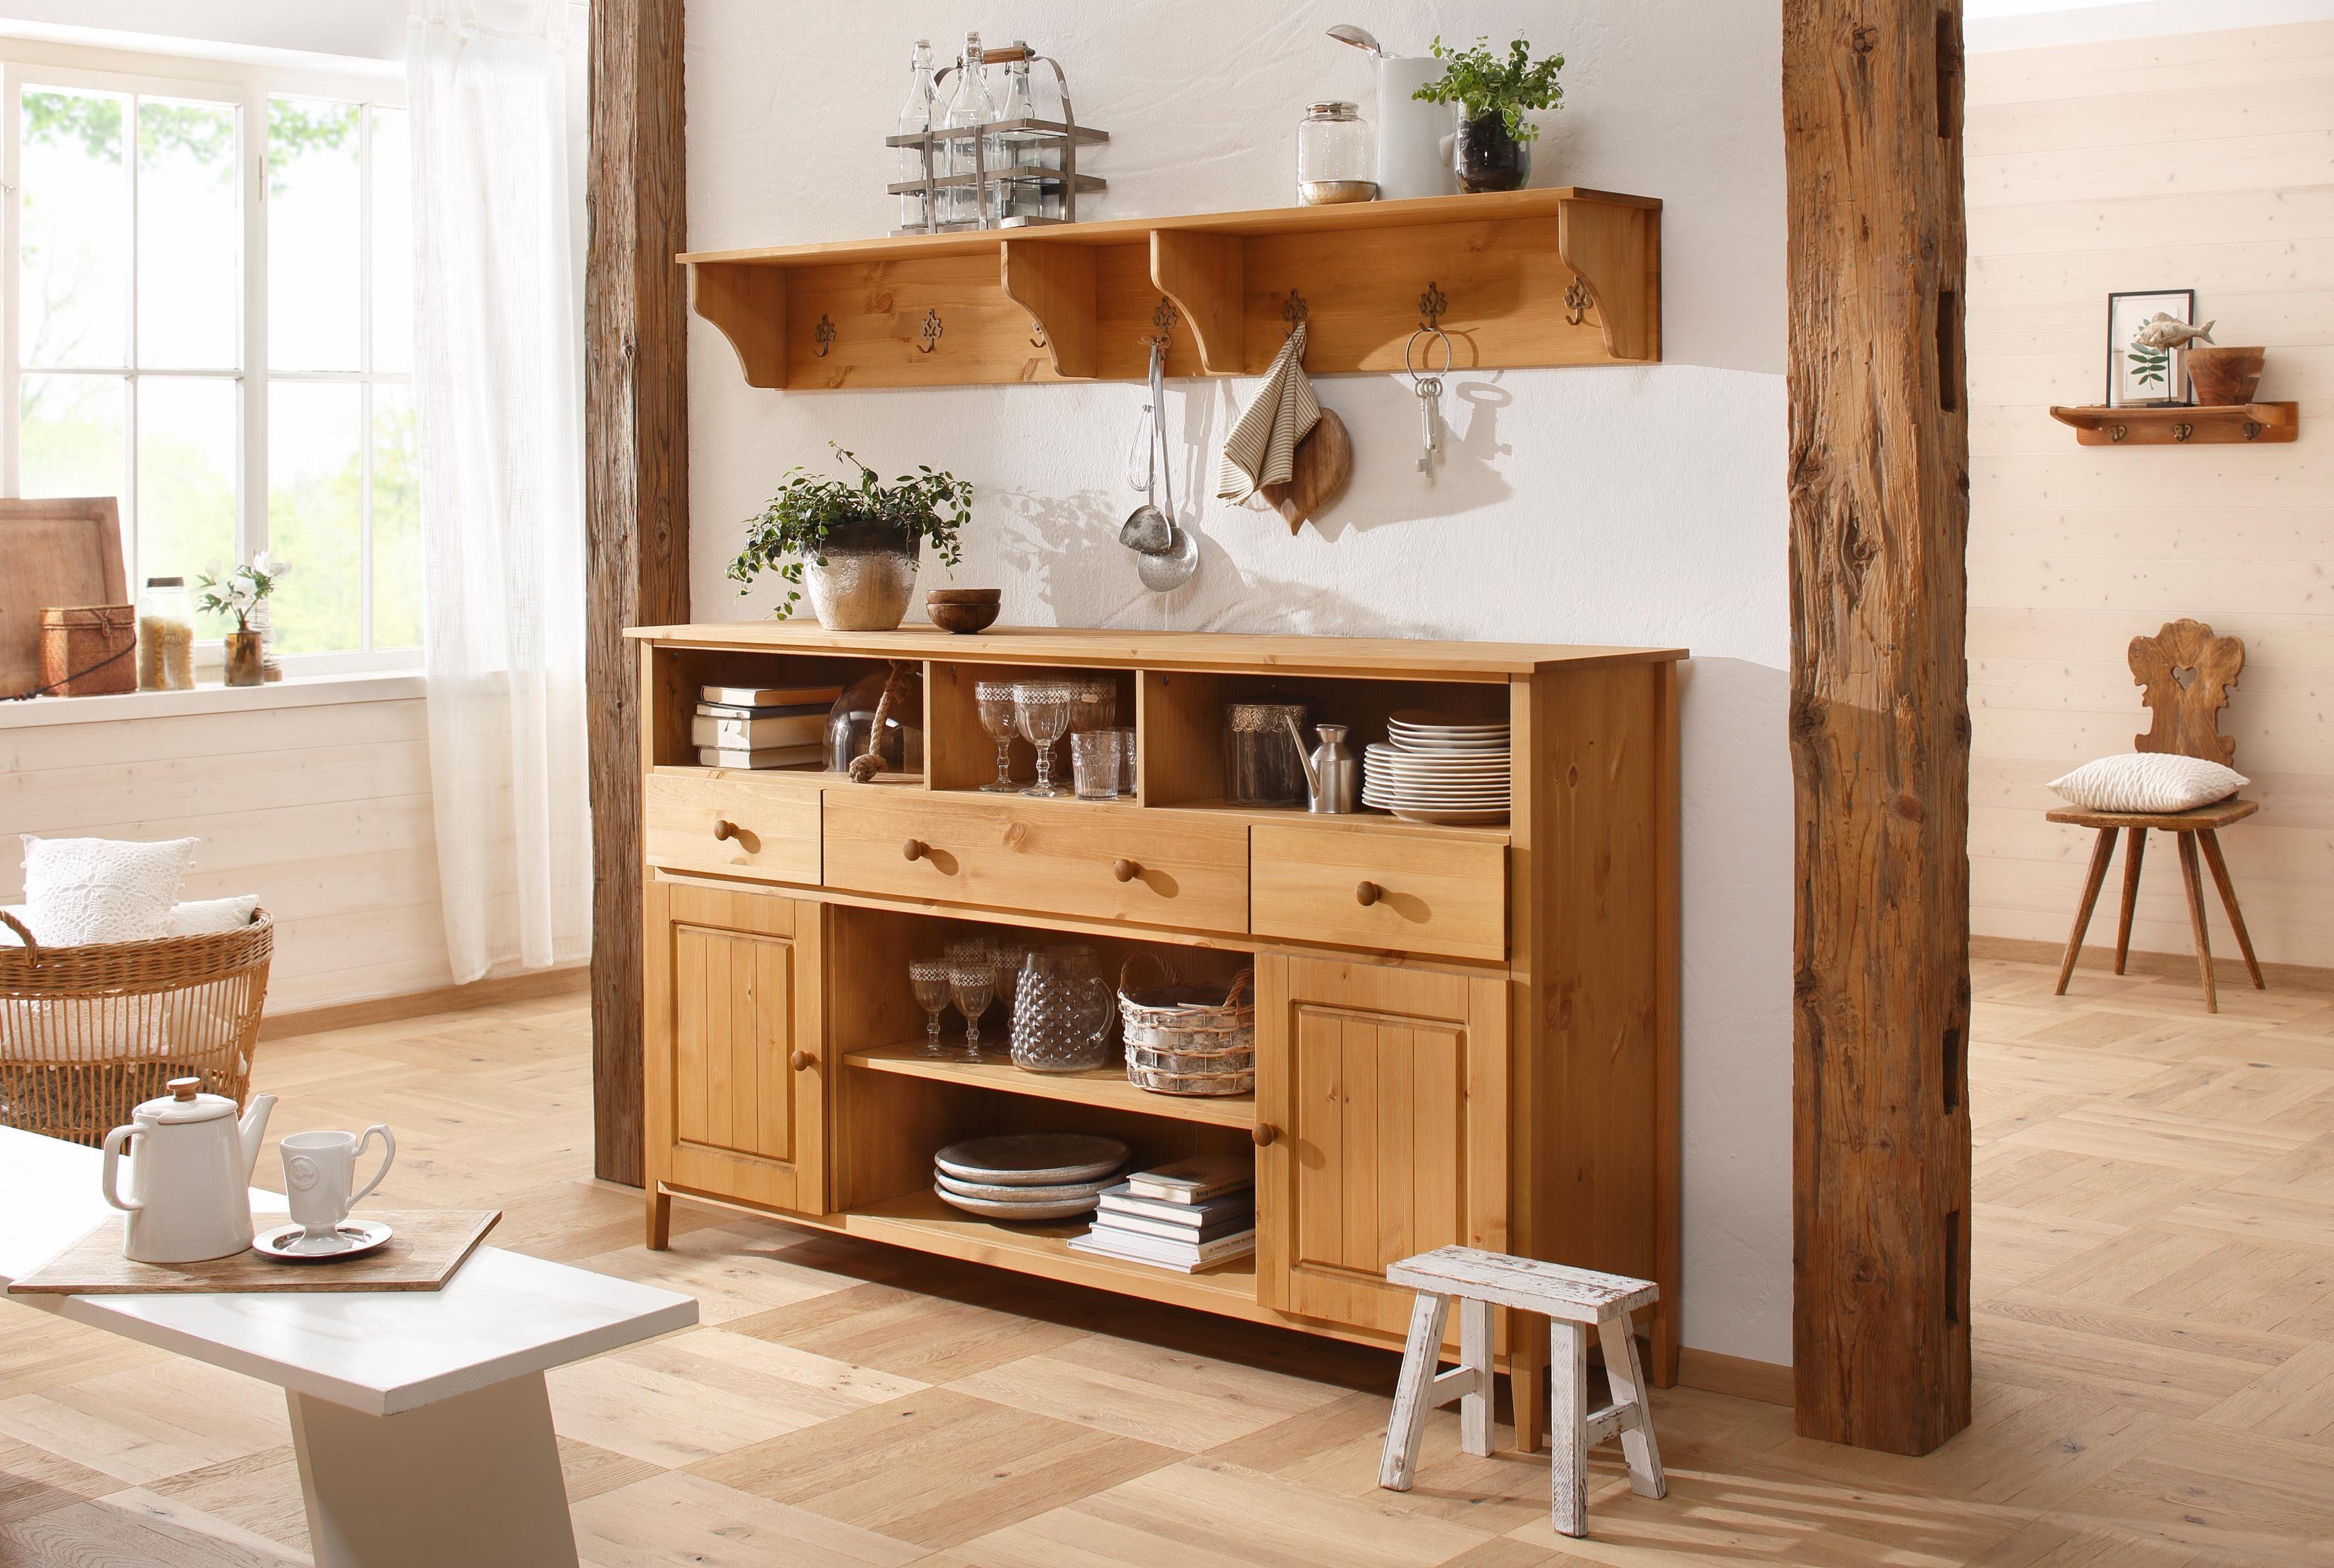 Home affaire Sideboard »Anneke« in 2 Größen und 2 Farben